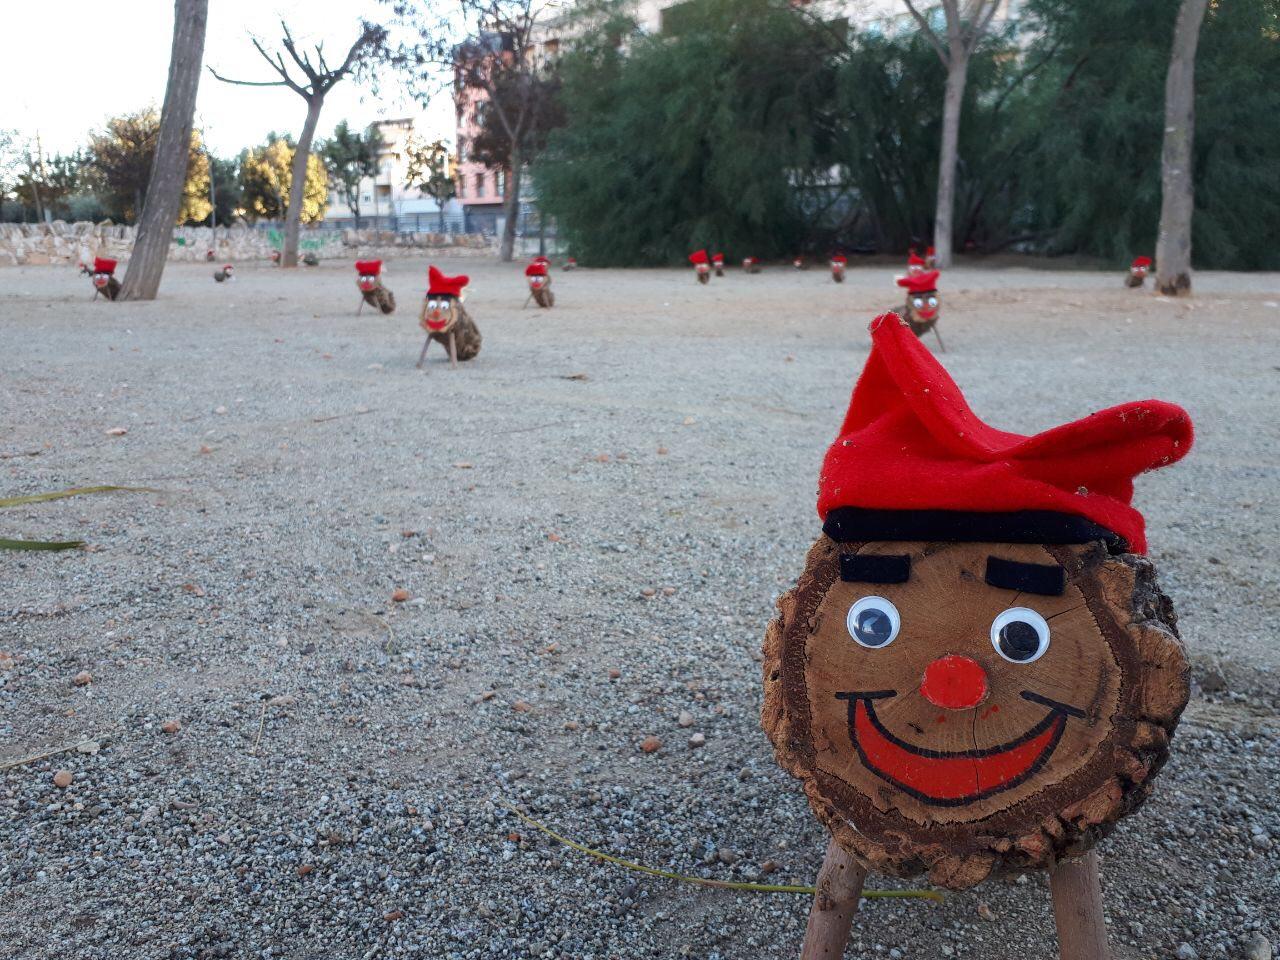 L'activitat 'Anem a buscar el tió' recapta prop de 800 euros per a la Marató de TV3